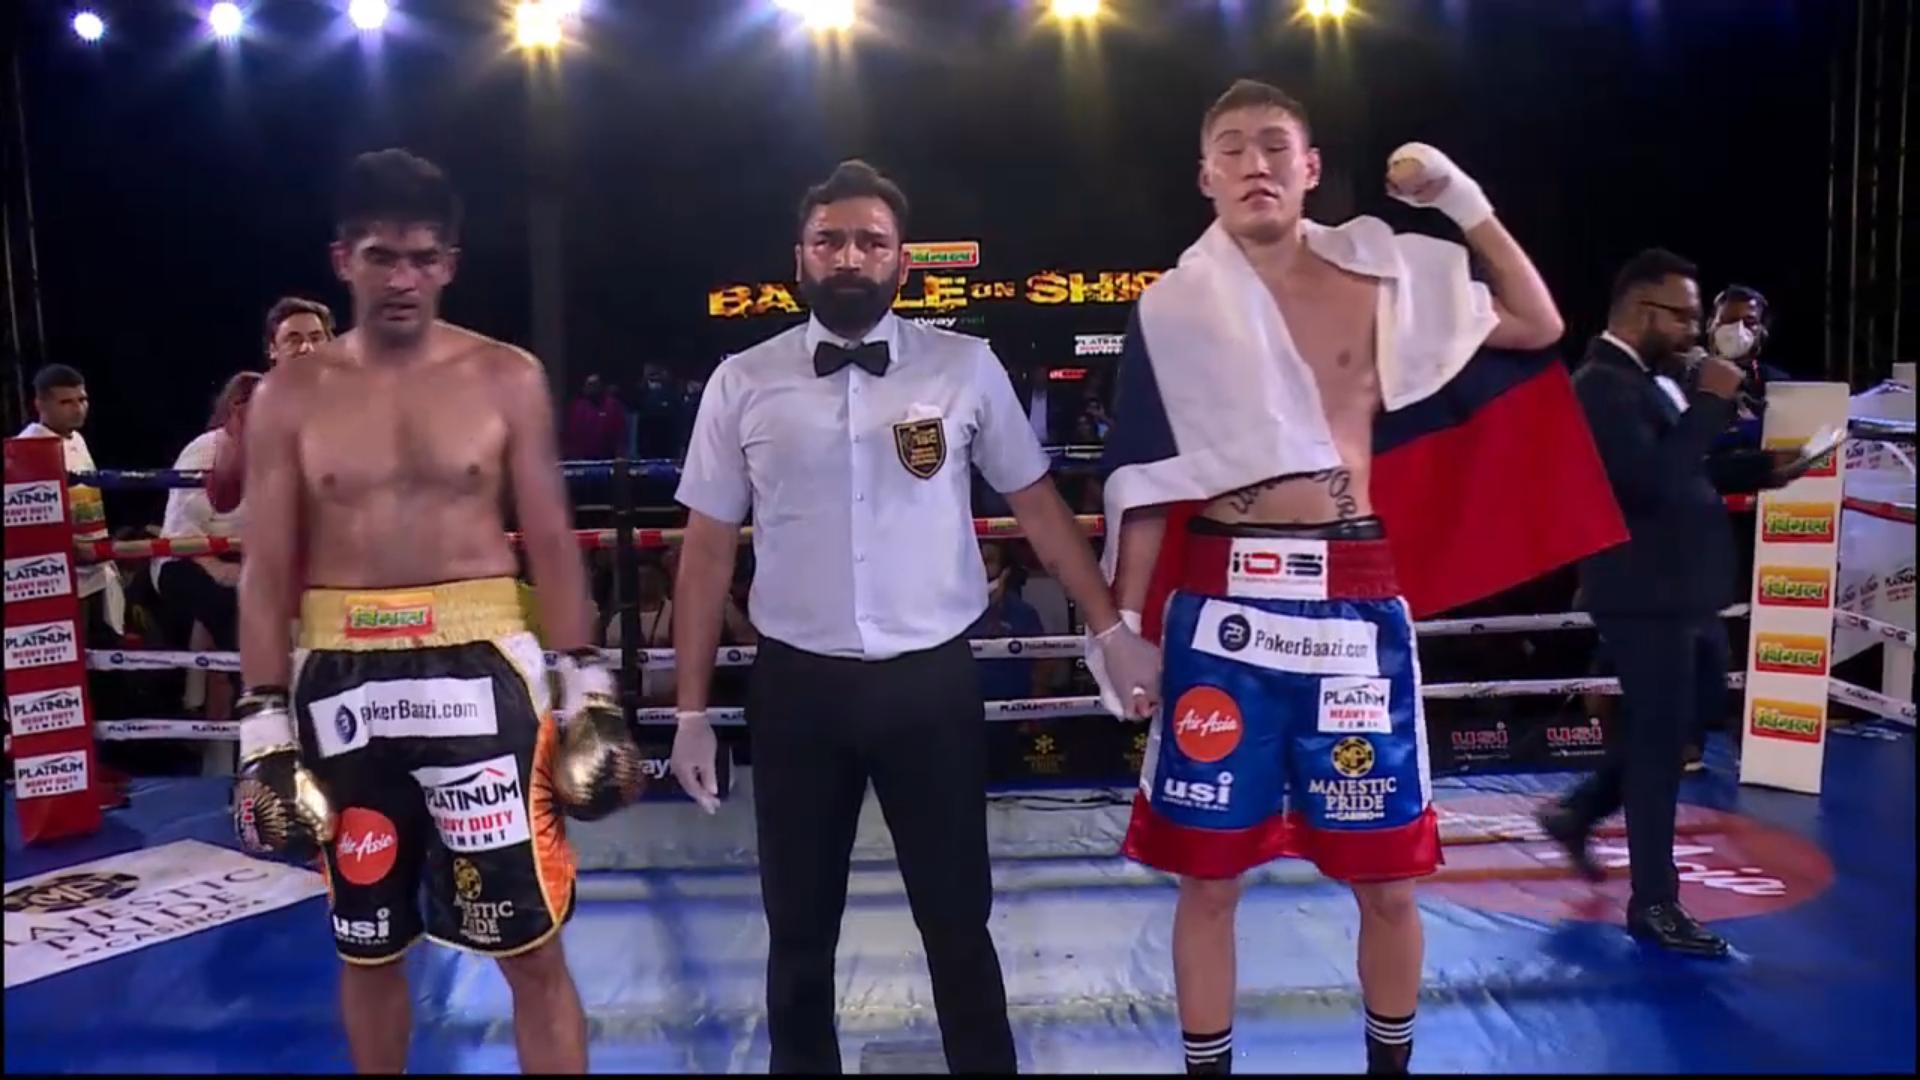 Artysh Lopsan defeats Vijender Singh via TKO in Round 5 - vijender